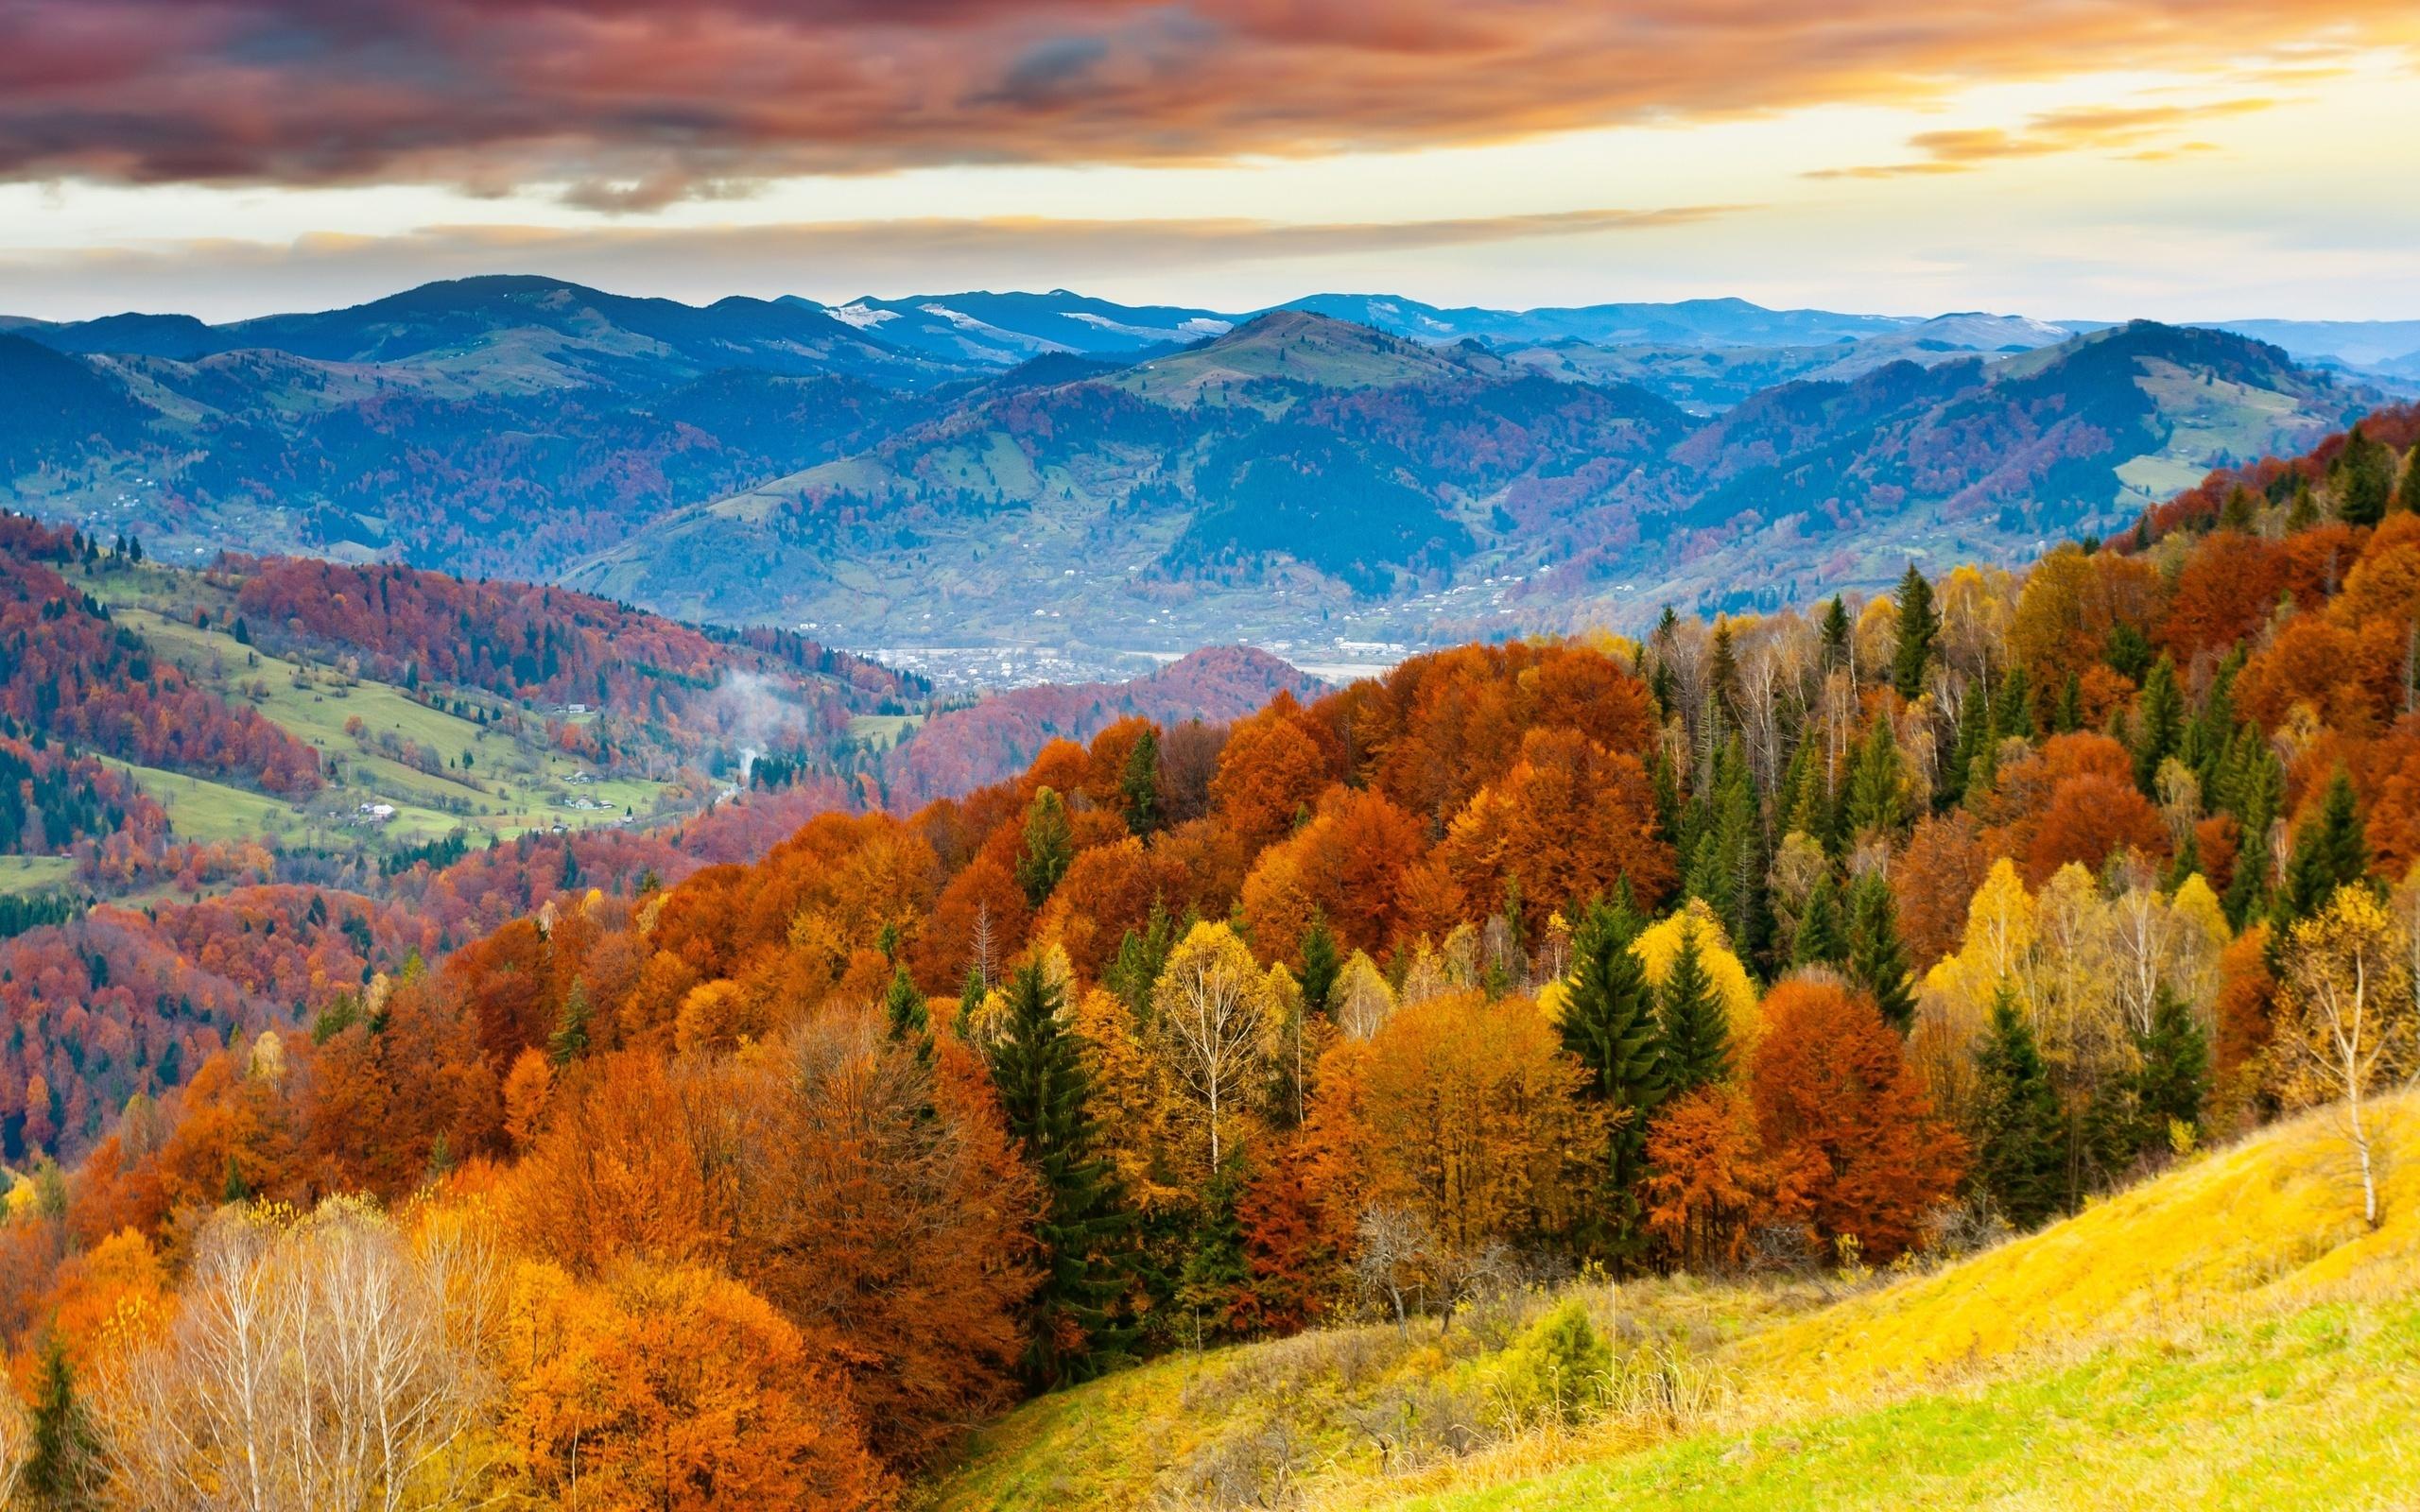 картинки с осенними пейзажами можете выбрать